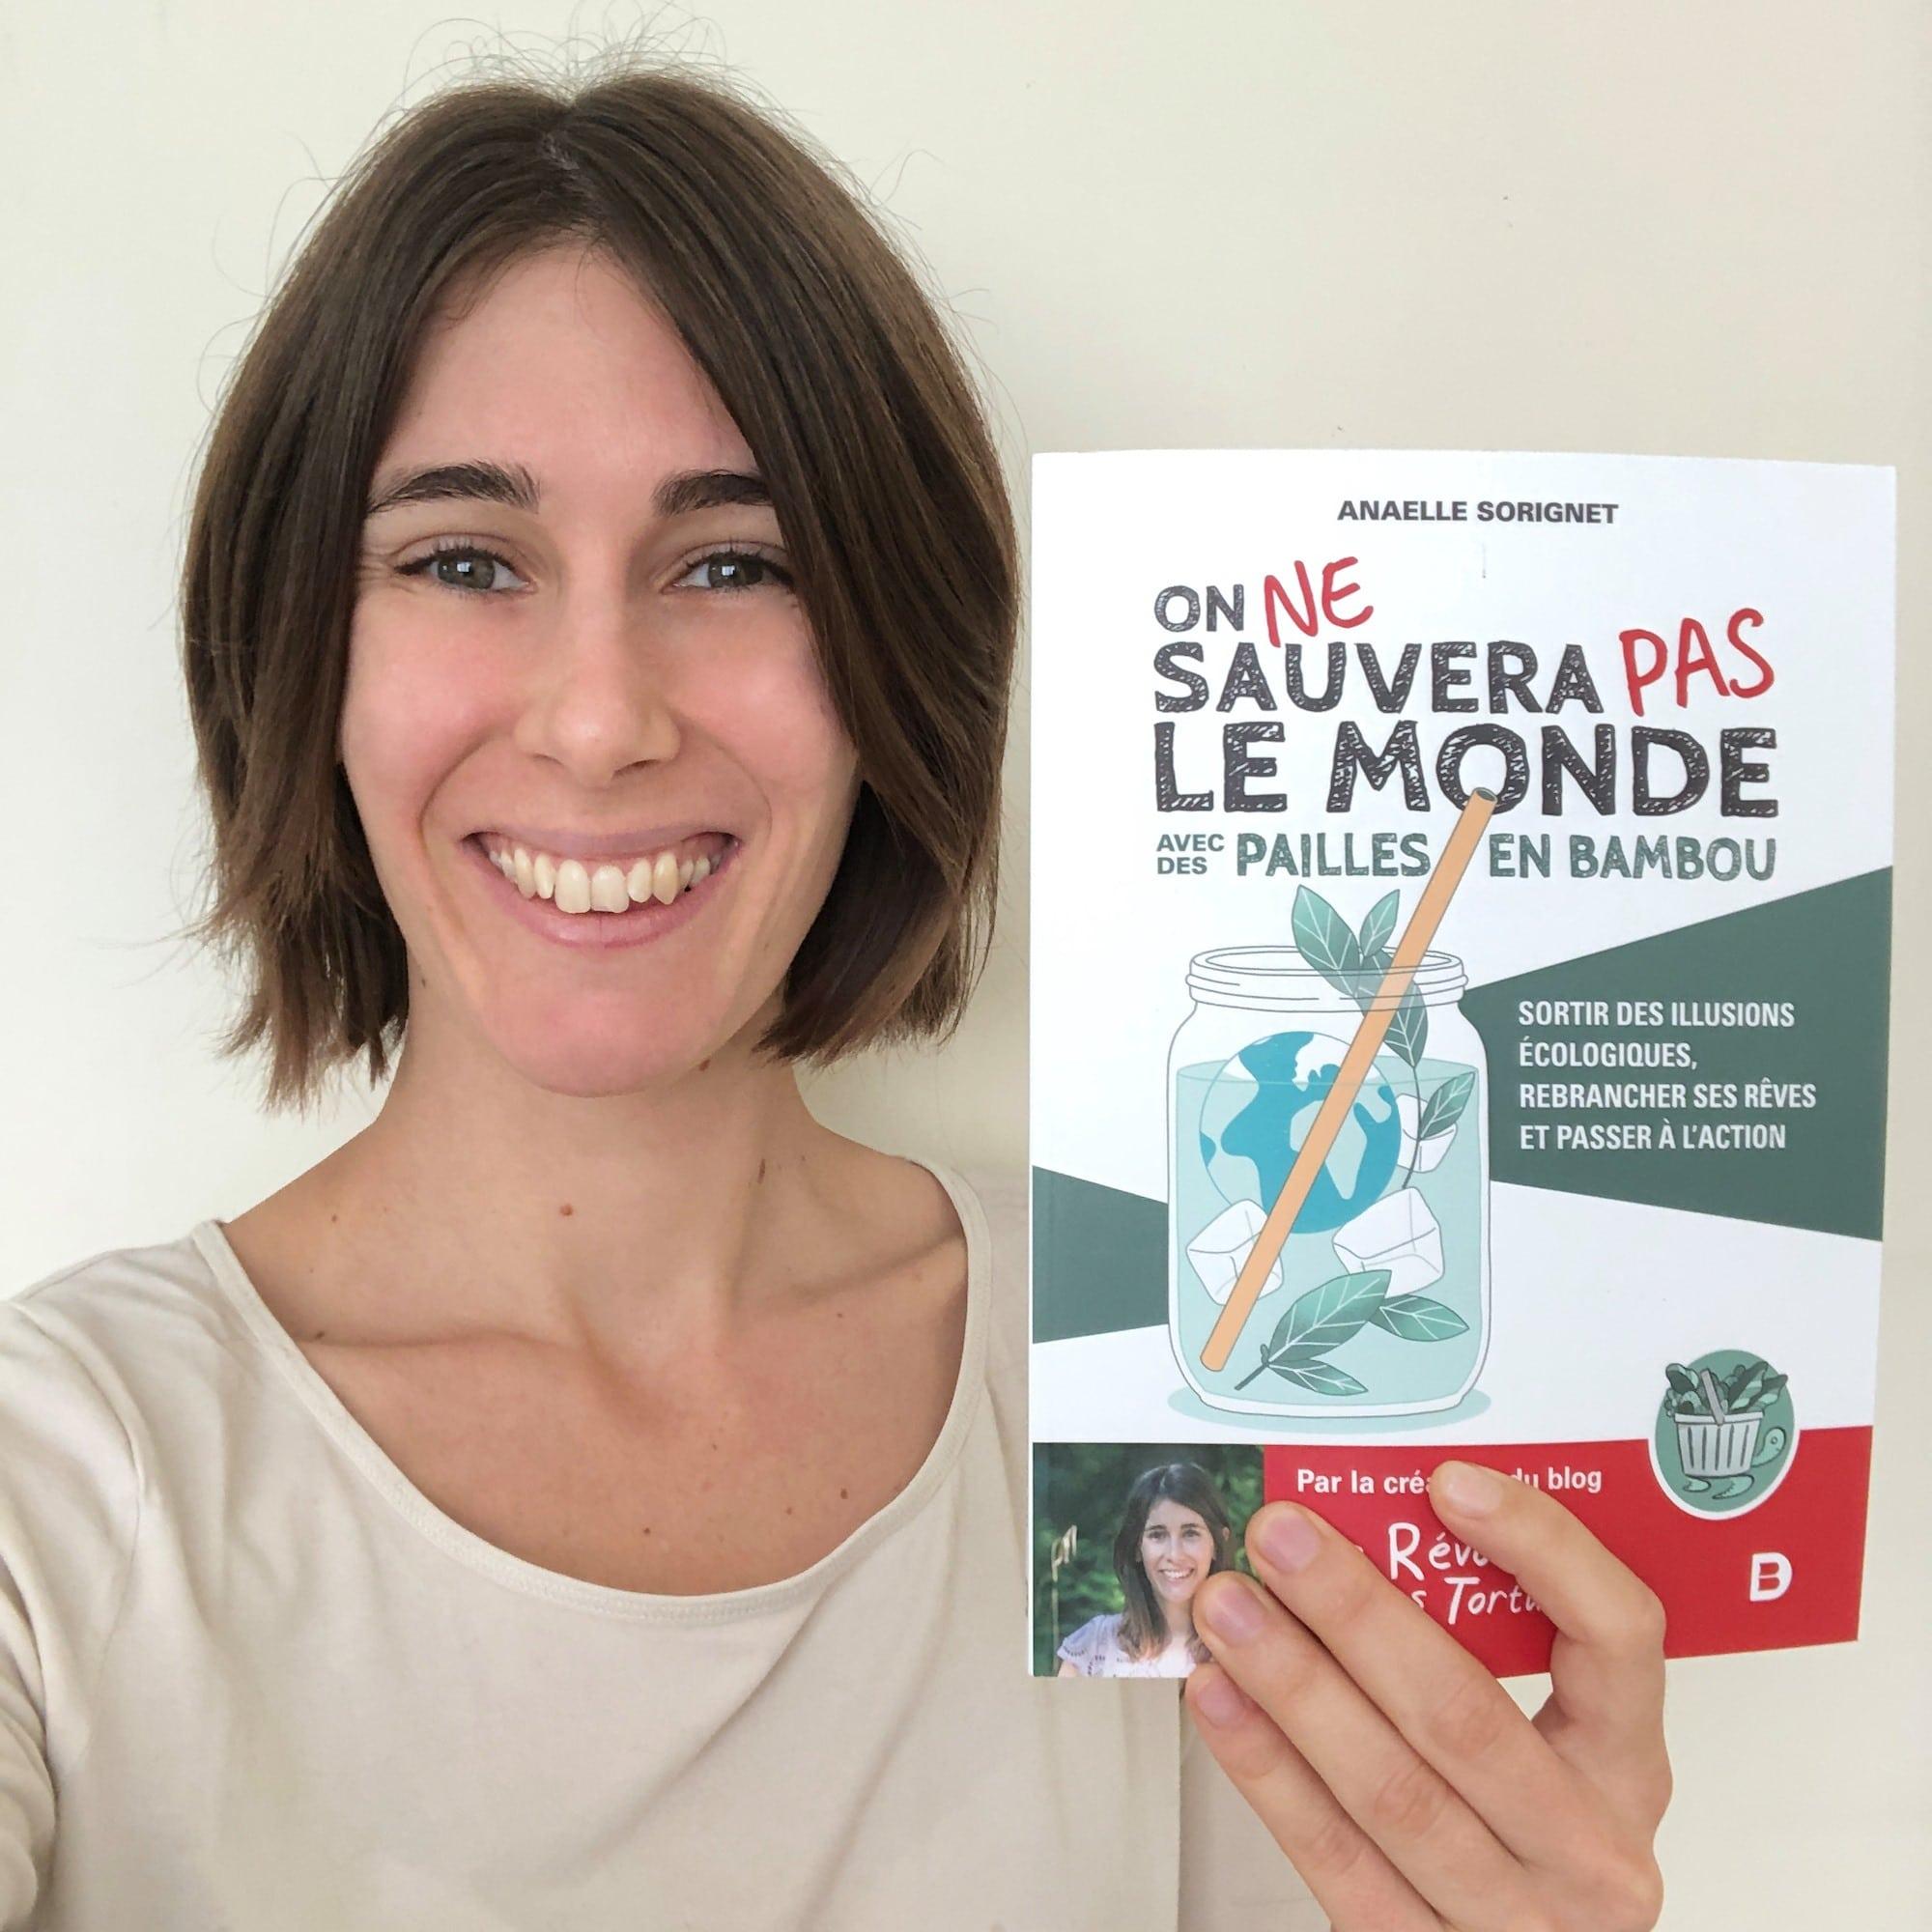 Anaelle Signoret nous présente son premier livre